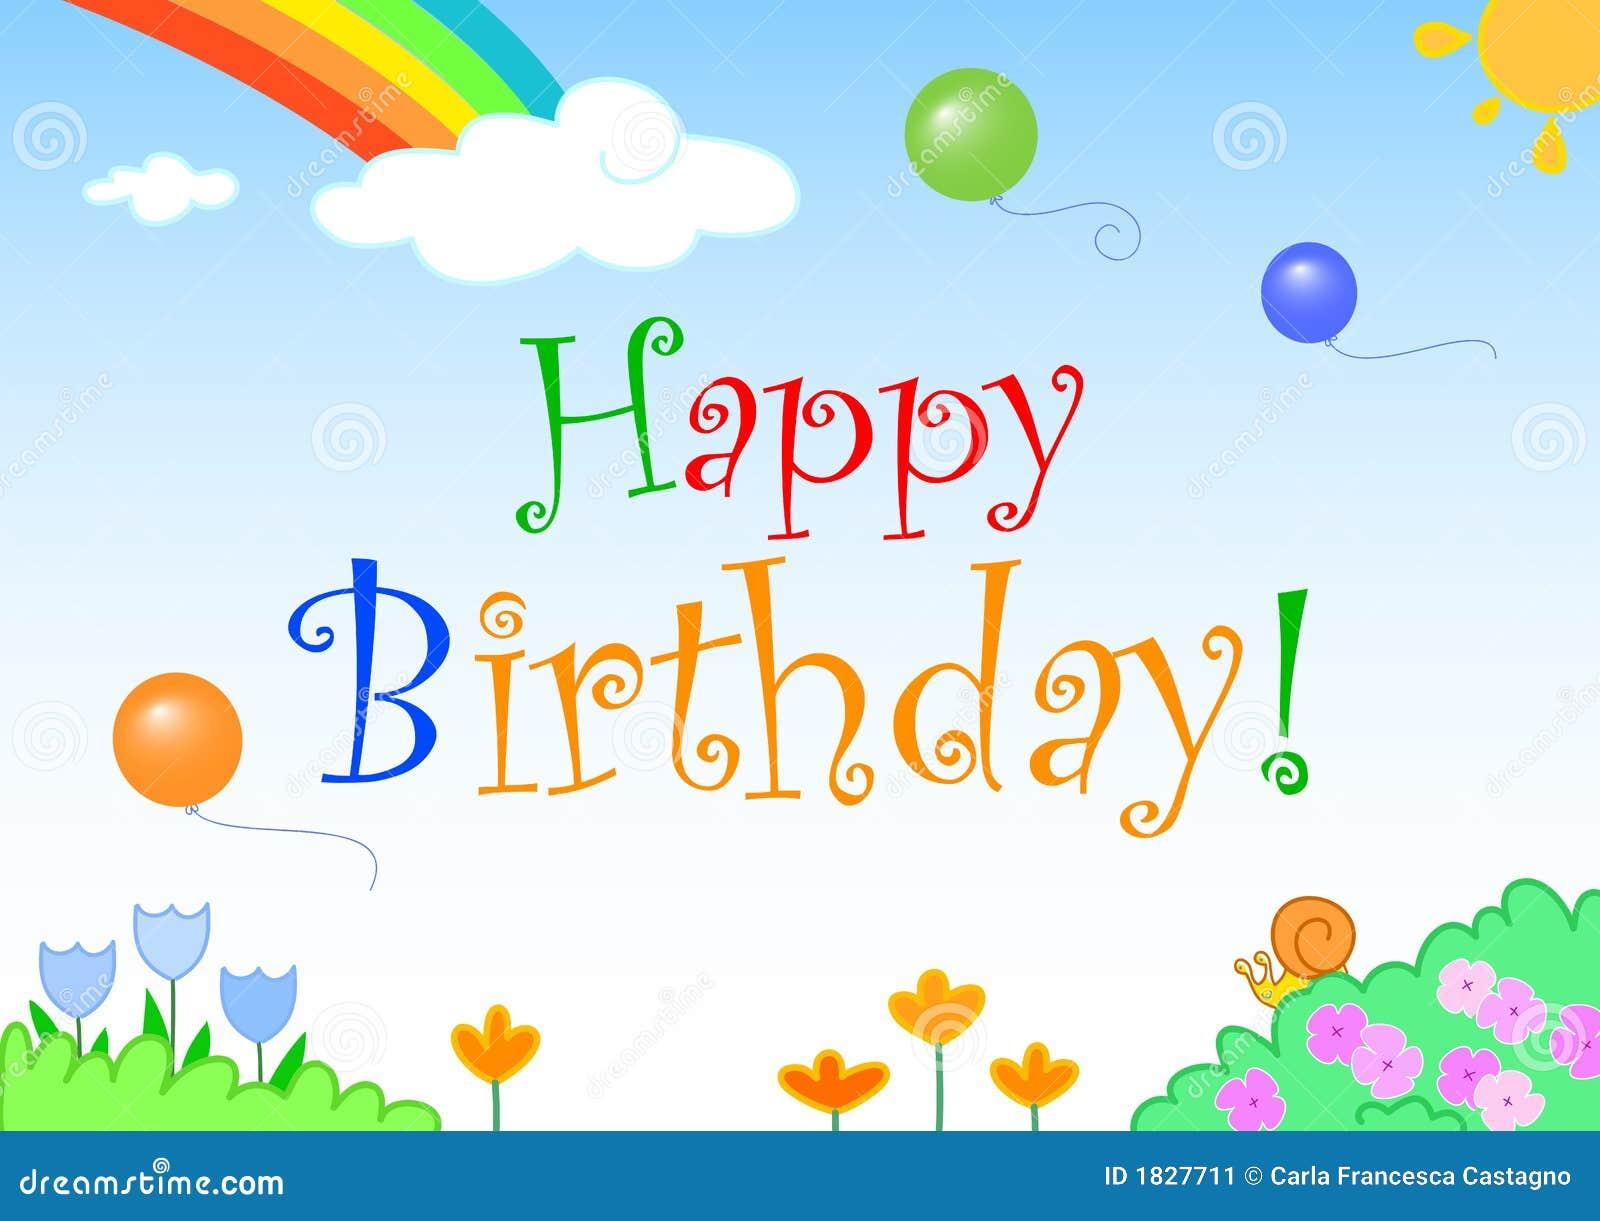 Geburtstag Wünsche Antwort